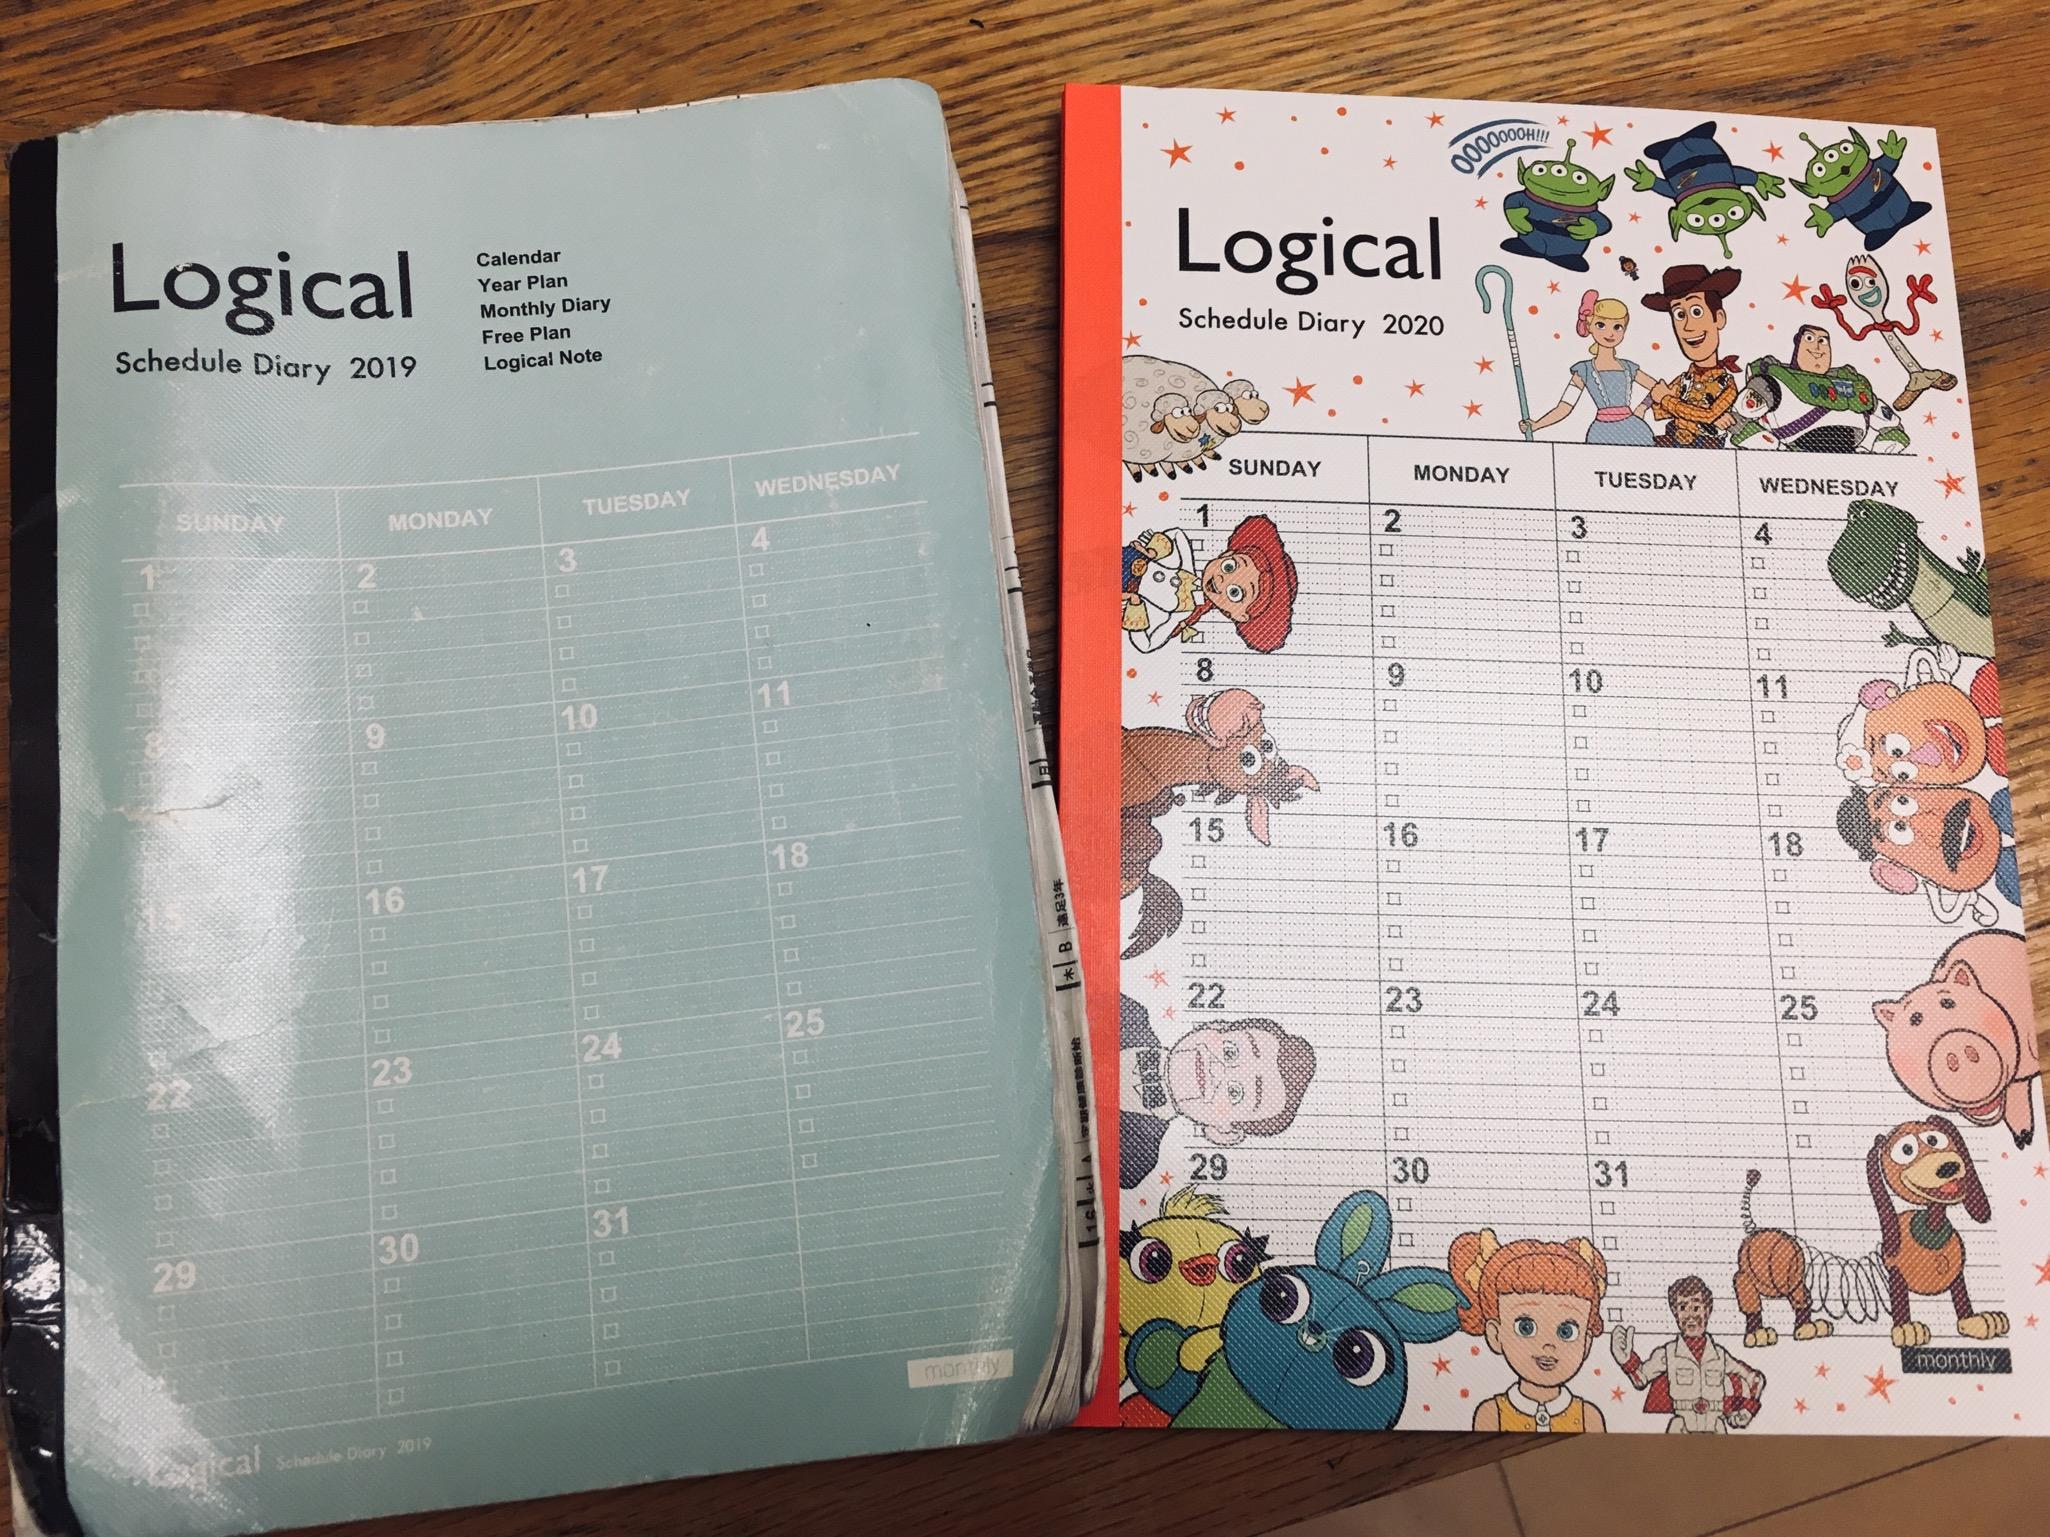 シンプルなのに使い勝手がいい!家族全員の予定が一目でわかる手帳